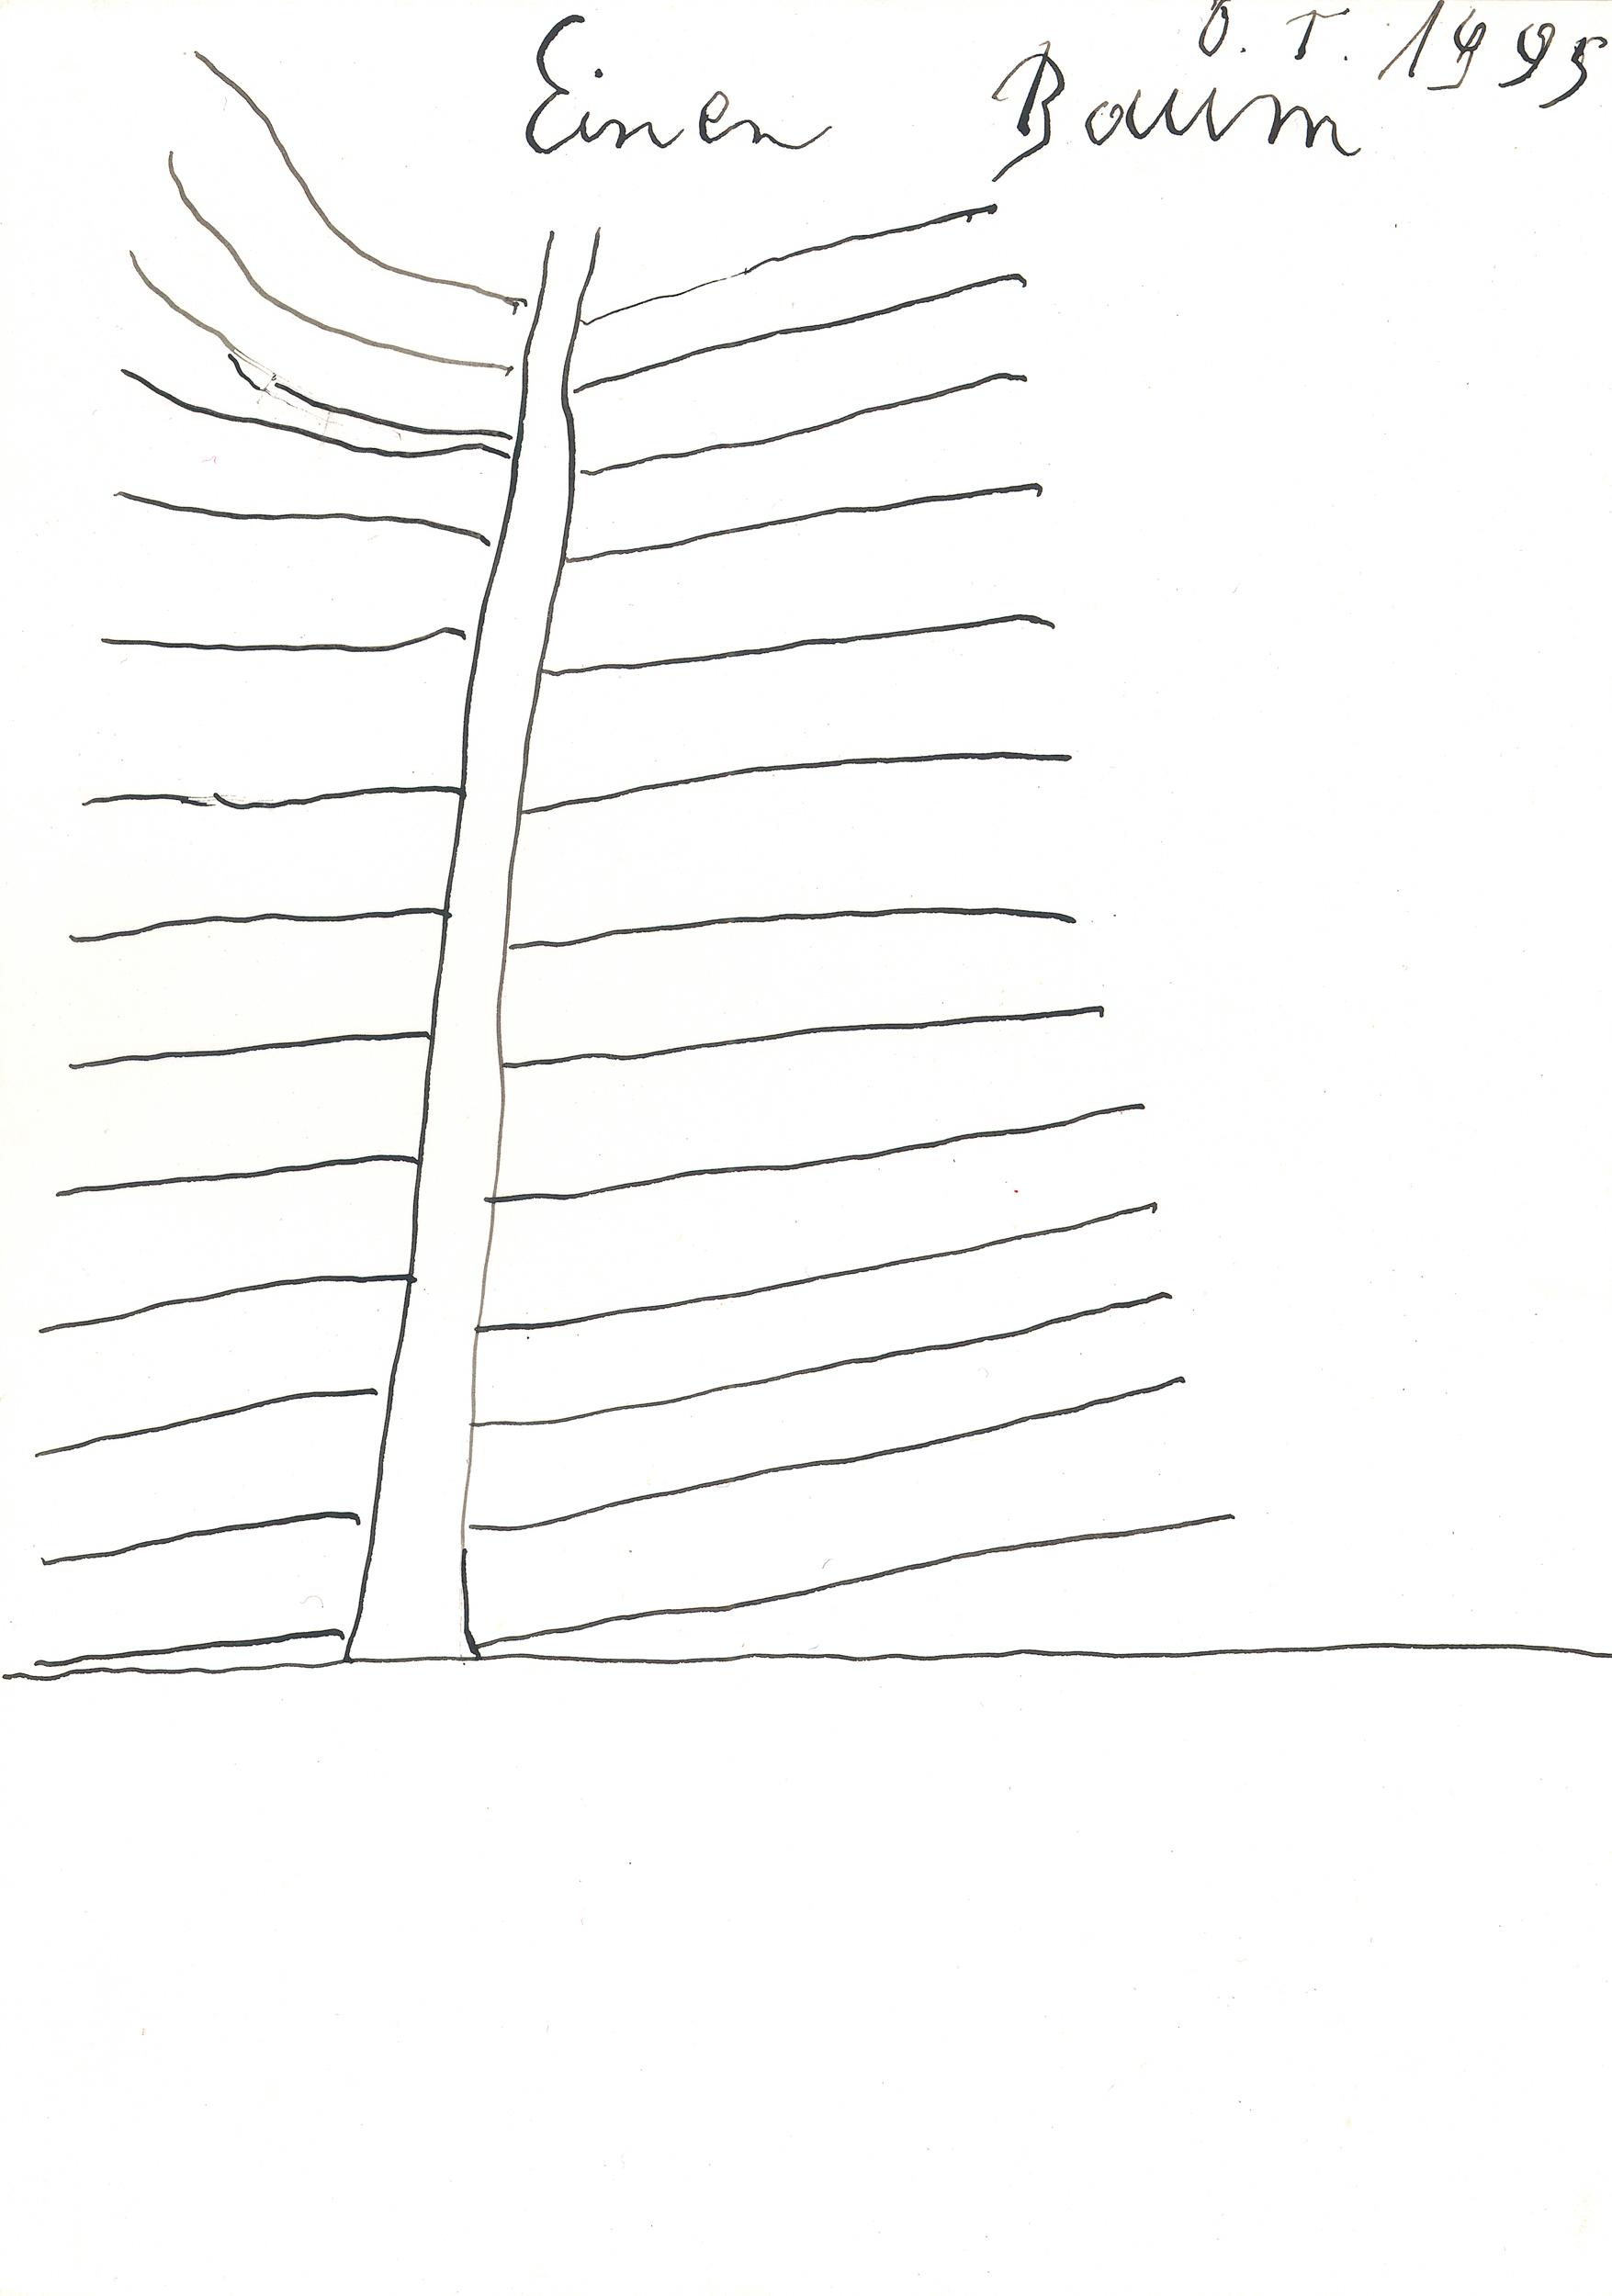 tschirtner oswald - Ein Baum / A tree